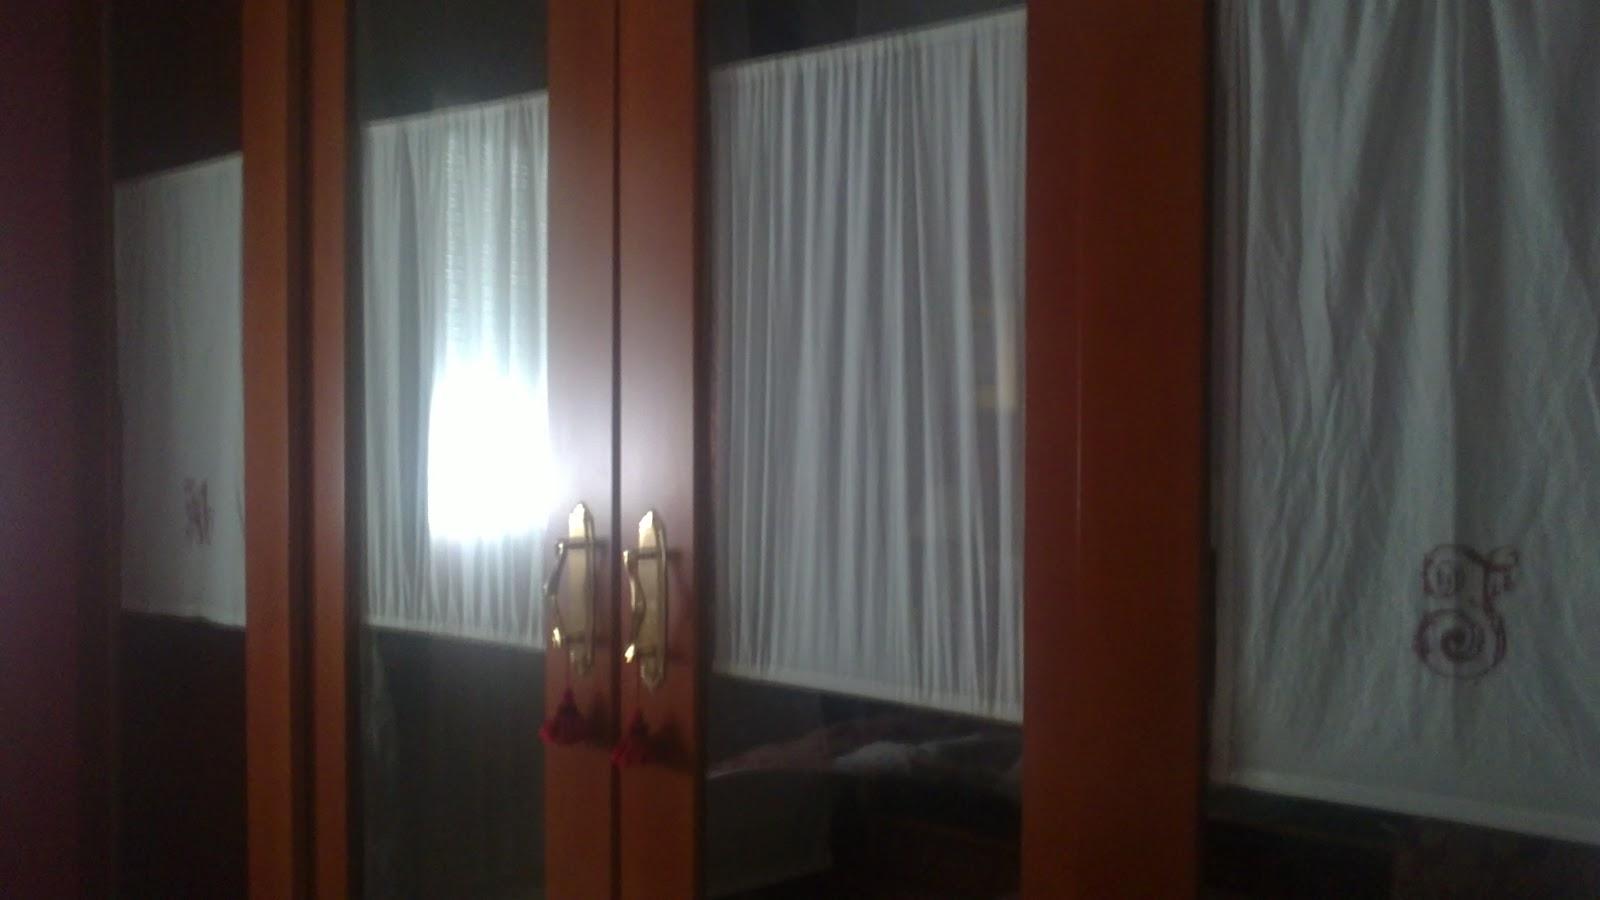 Coses de menuts Visillos para puertas